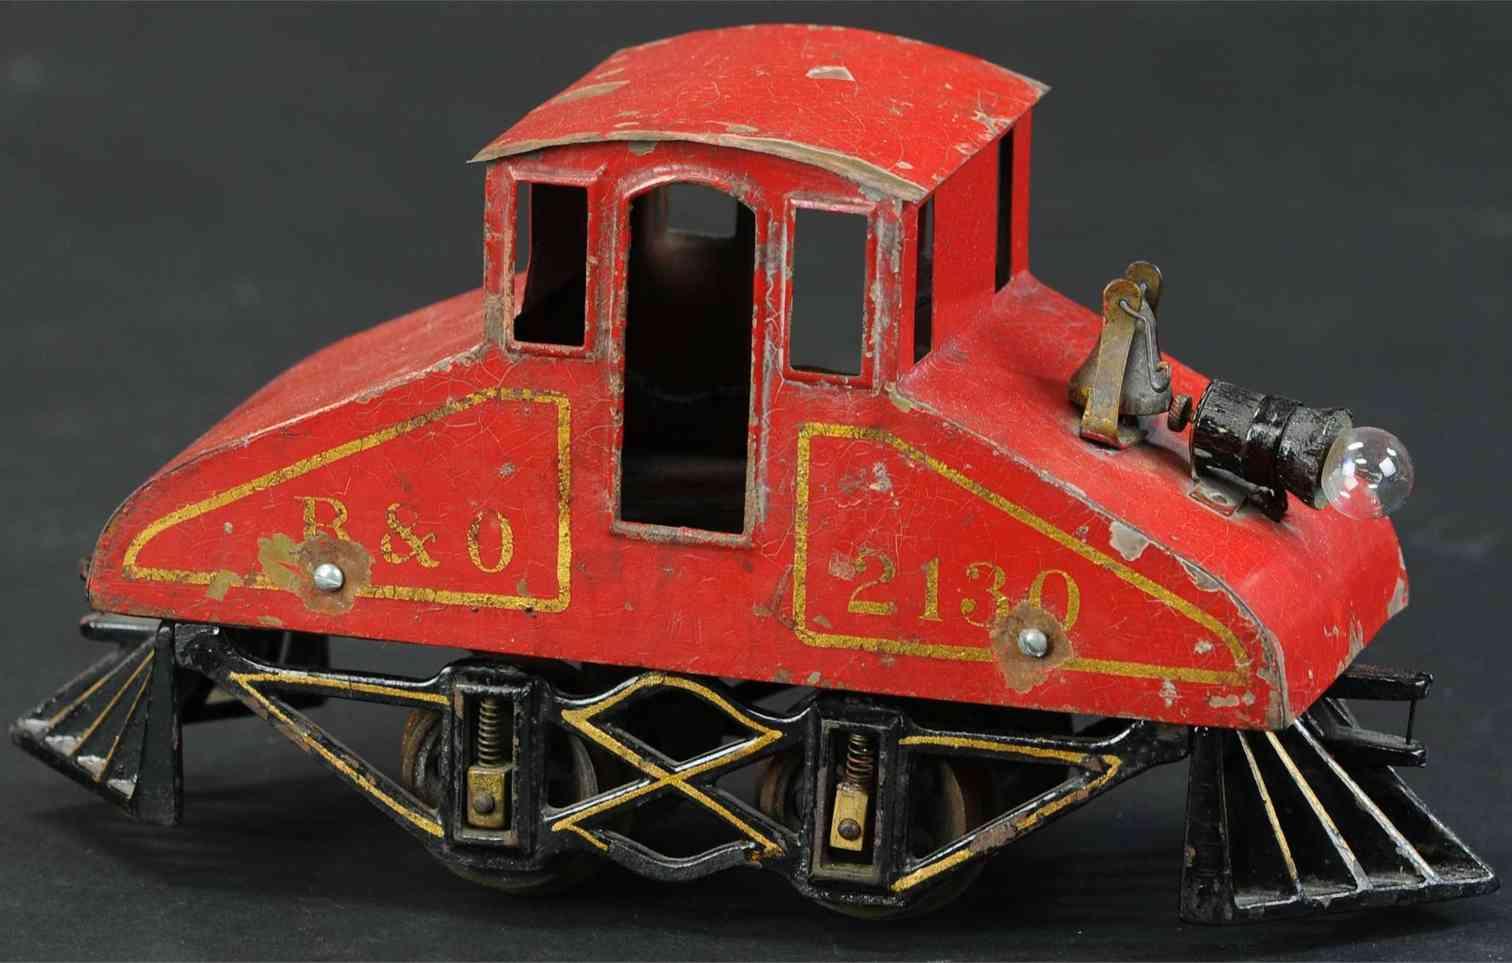 voltamp 2130 spielzeug grubenlokomotive rot shcwarz spur 0